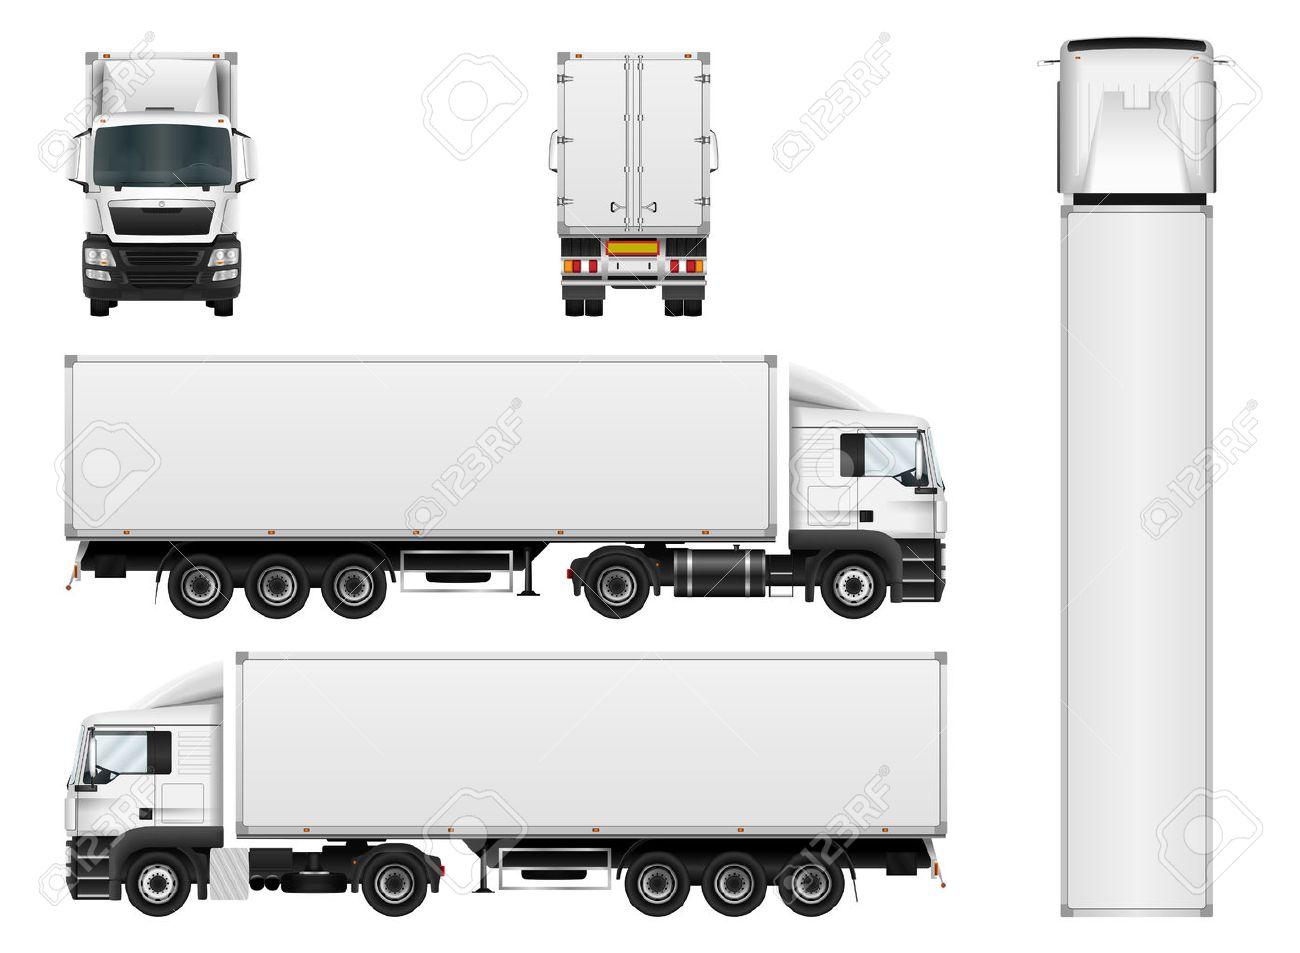 Modern Lkw Leasing Vorlage Sketch - FORTSETZUNG ARBEITSBLATT ...